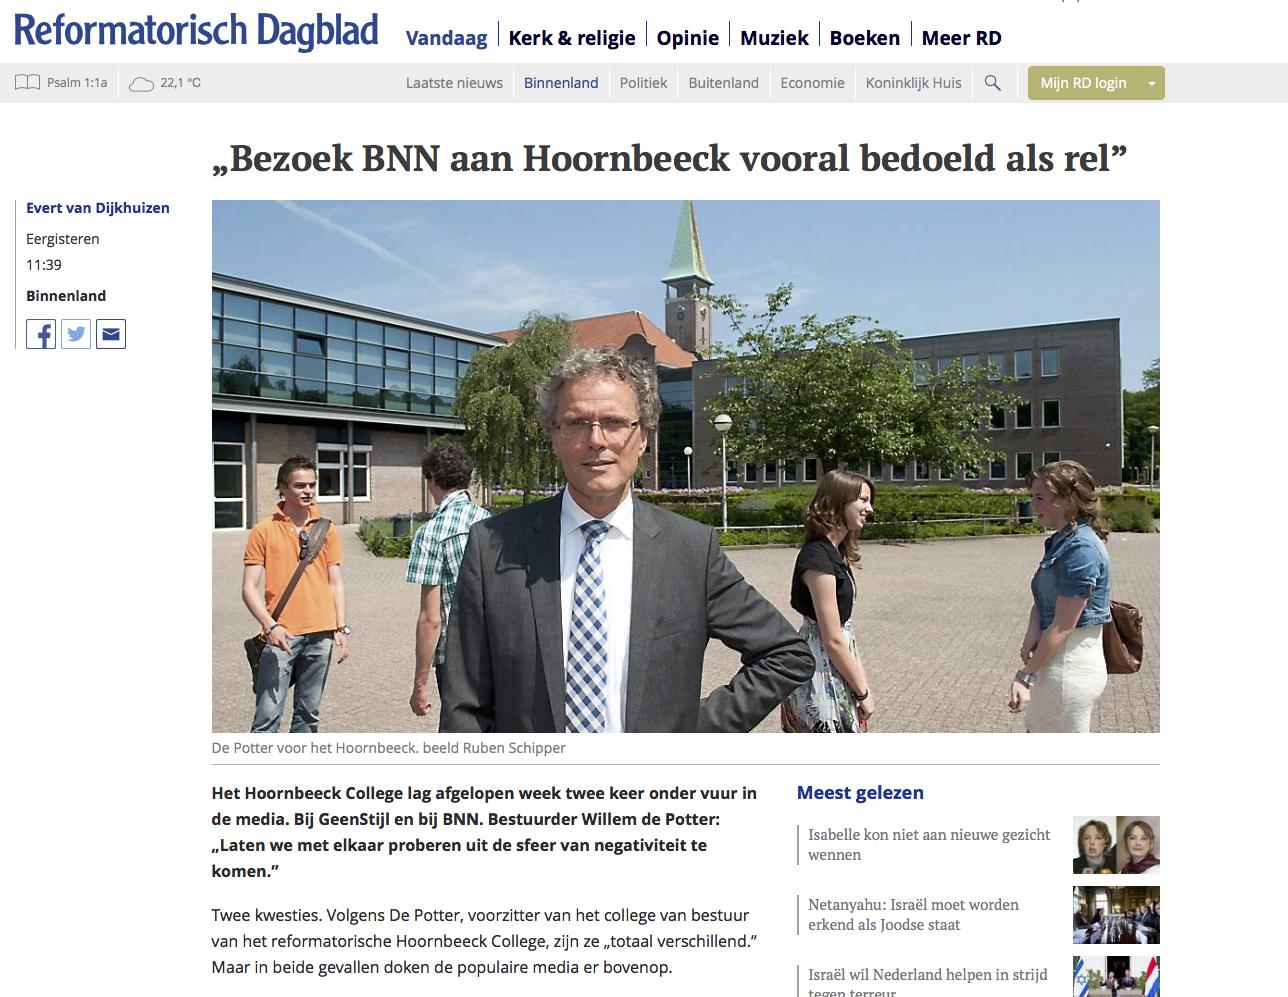 BNN-bezoekt-Hoornbeeck-College-artikel